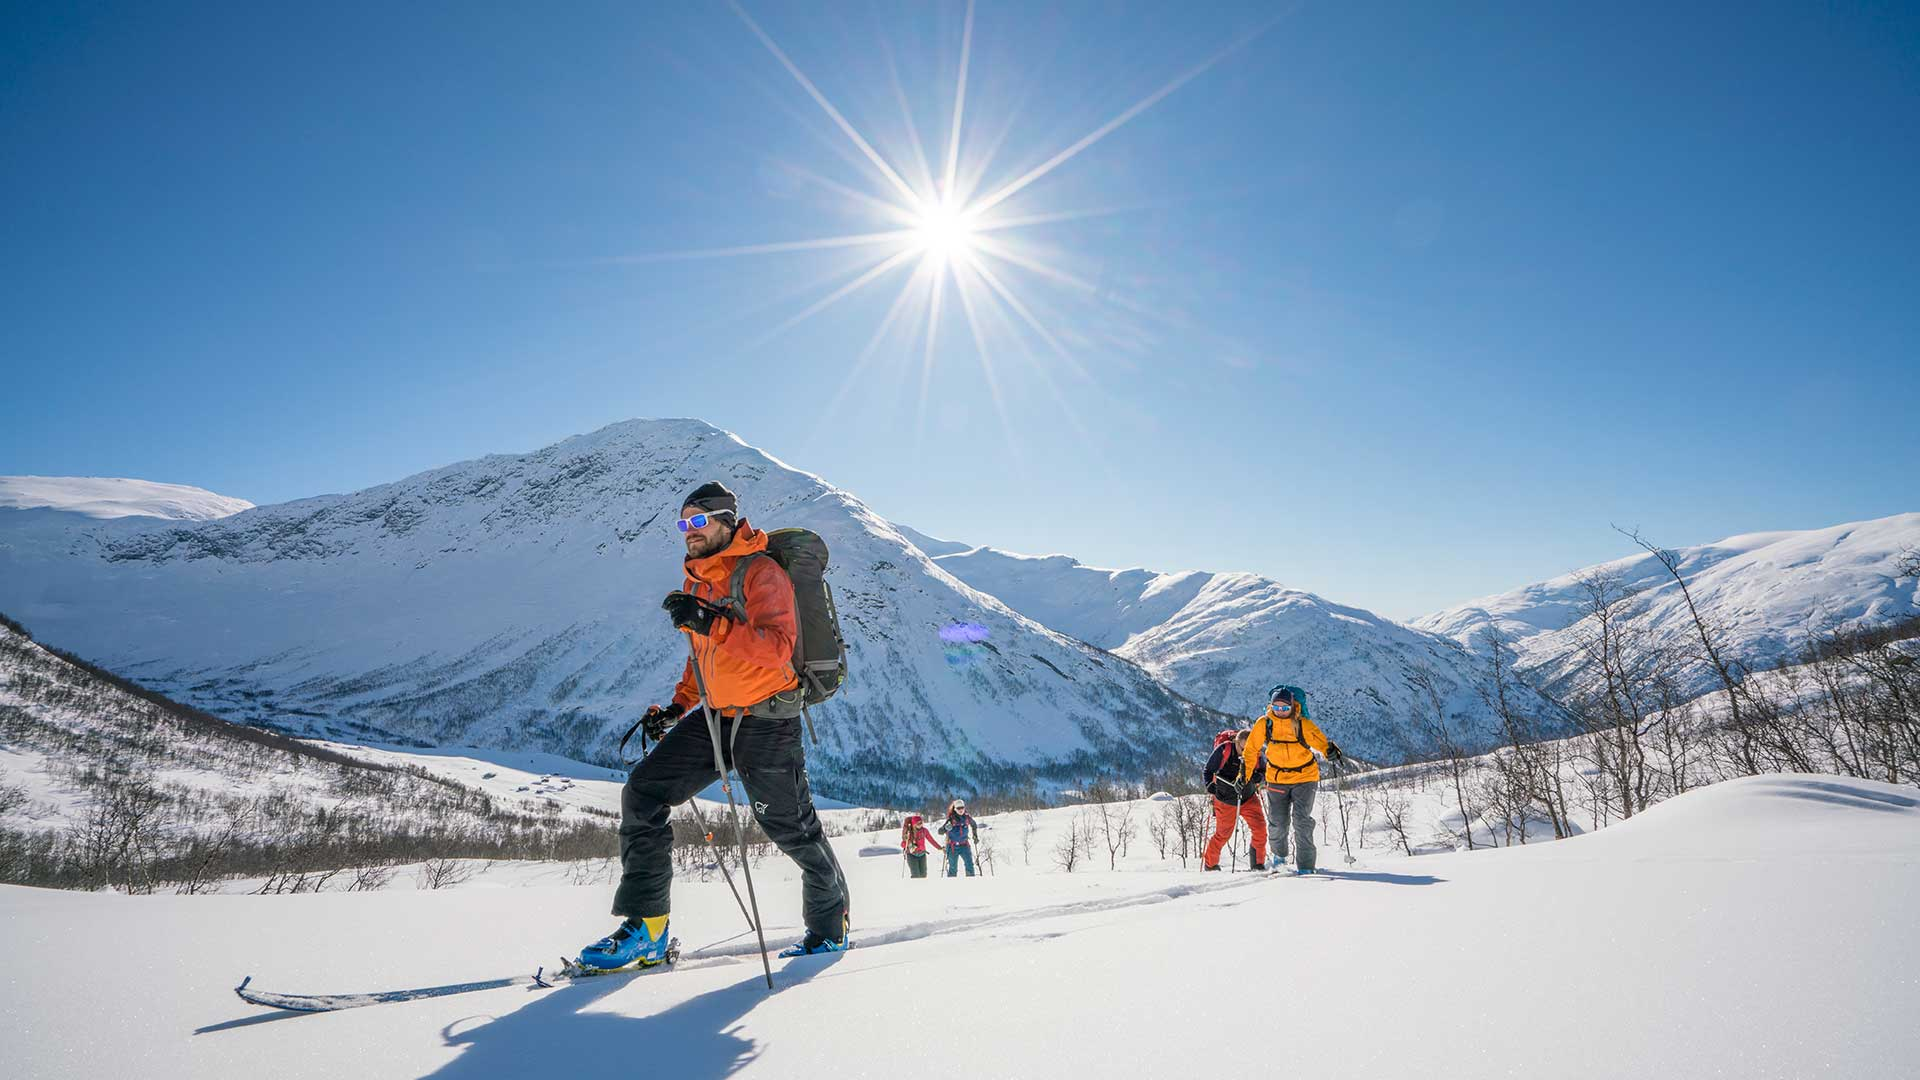 Mennesker på ski i fjellet